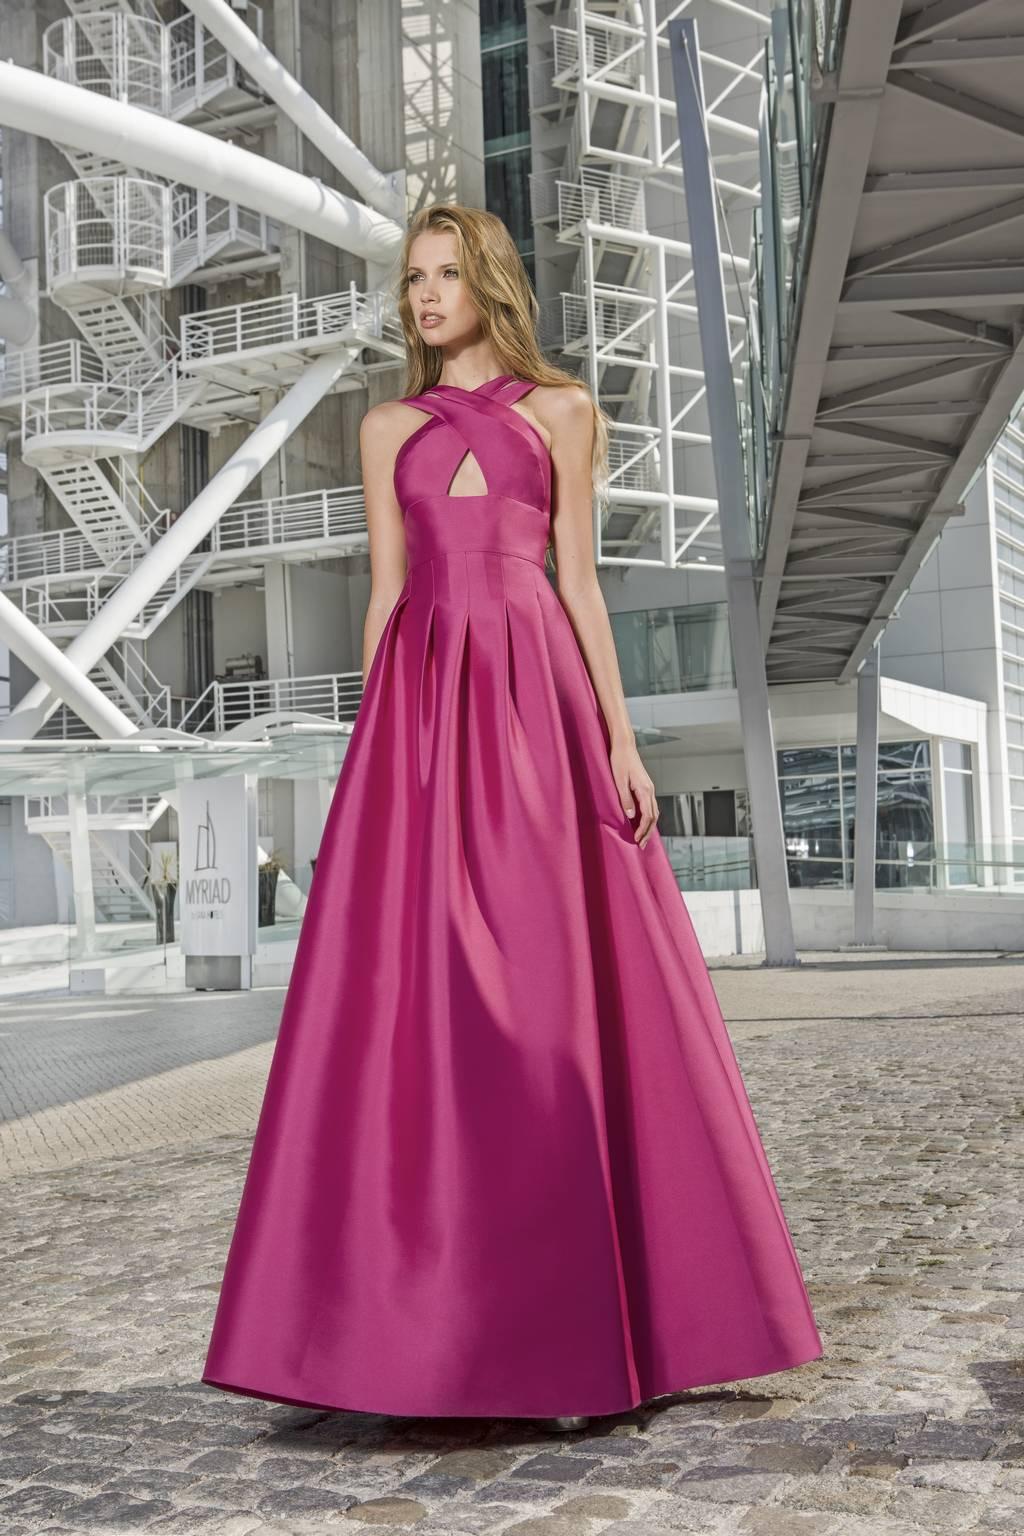 15 Genial Abendkleider Neuss Design13 Spektakulär Abendkleider Neuss Stylish